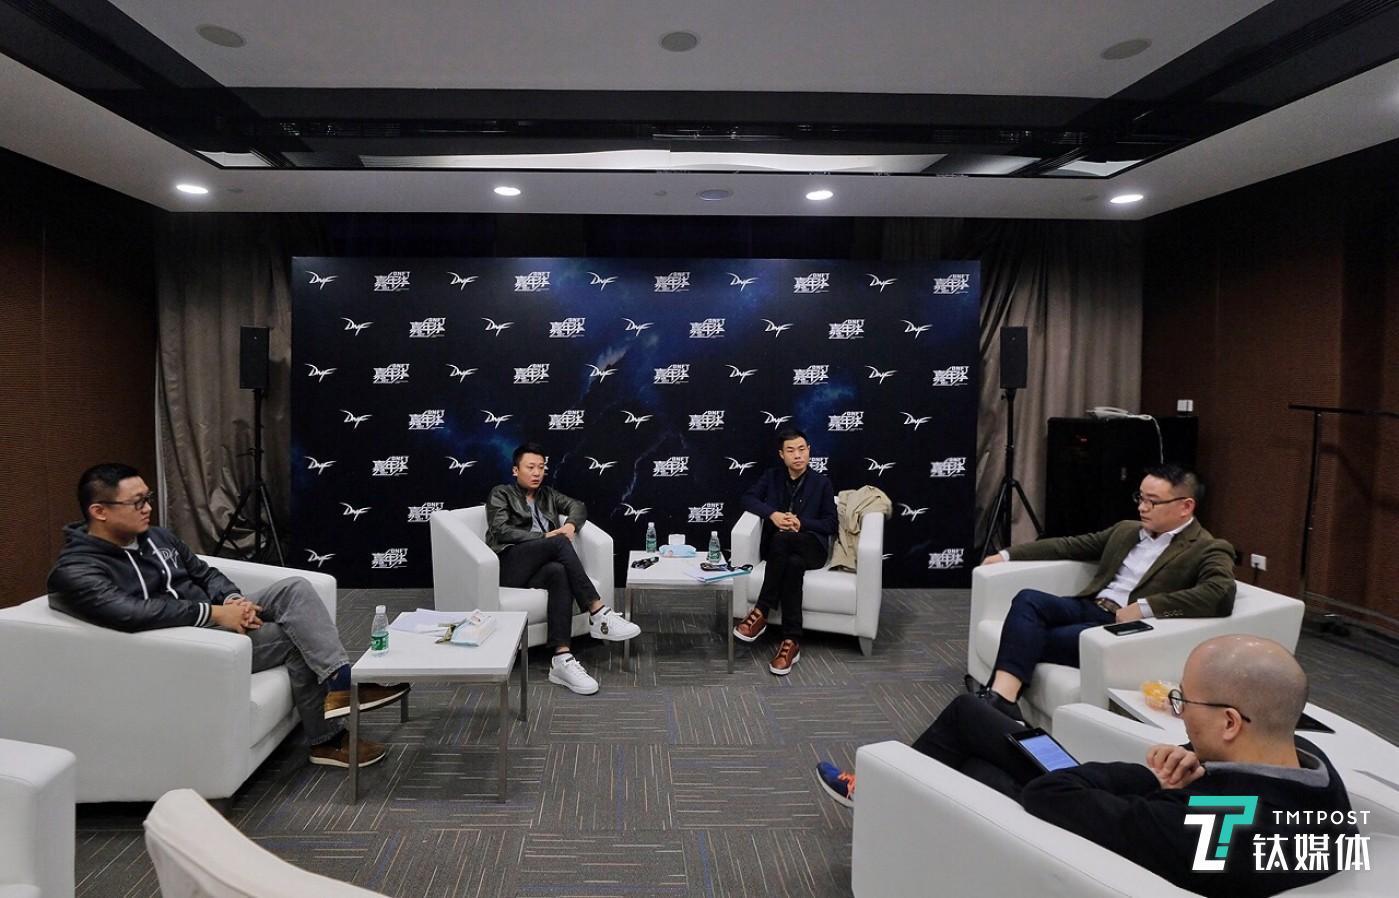 (左起)朱峥嵘、杨明、钛媒体记者胡勇